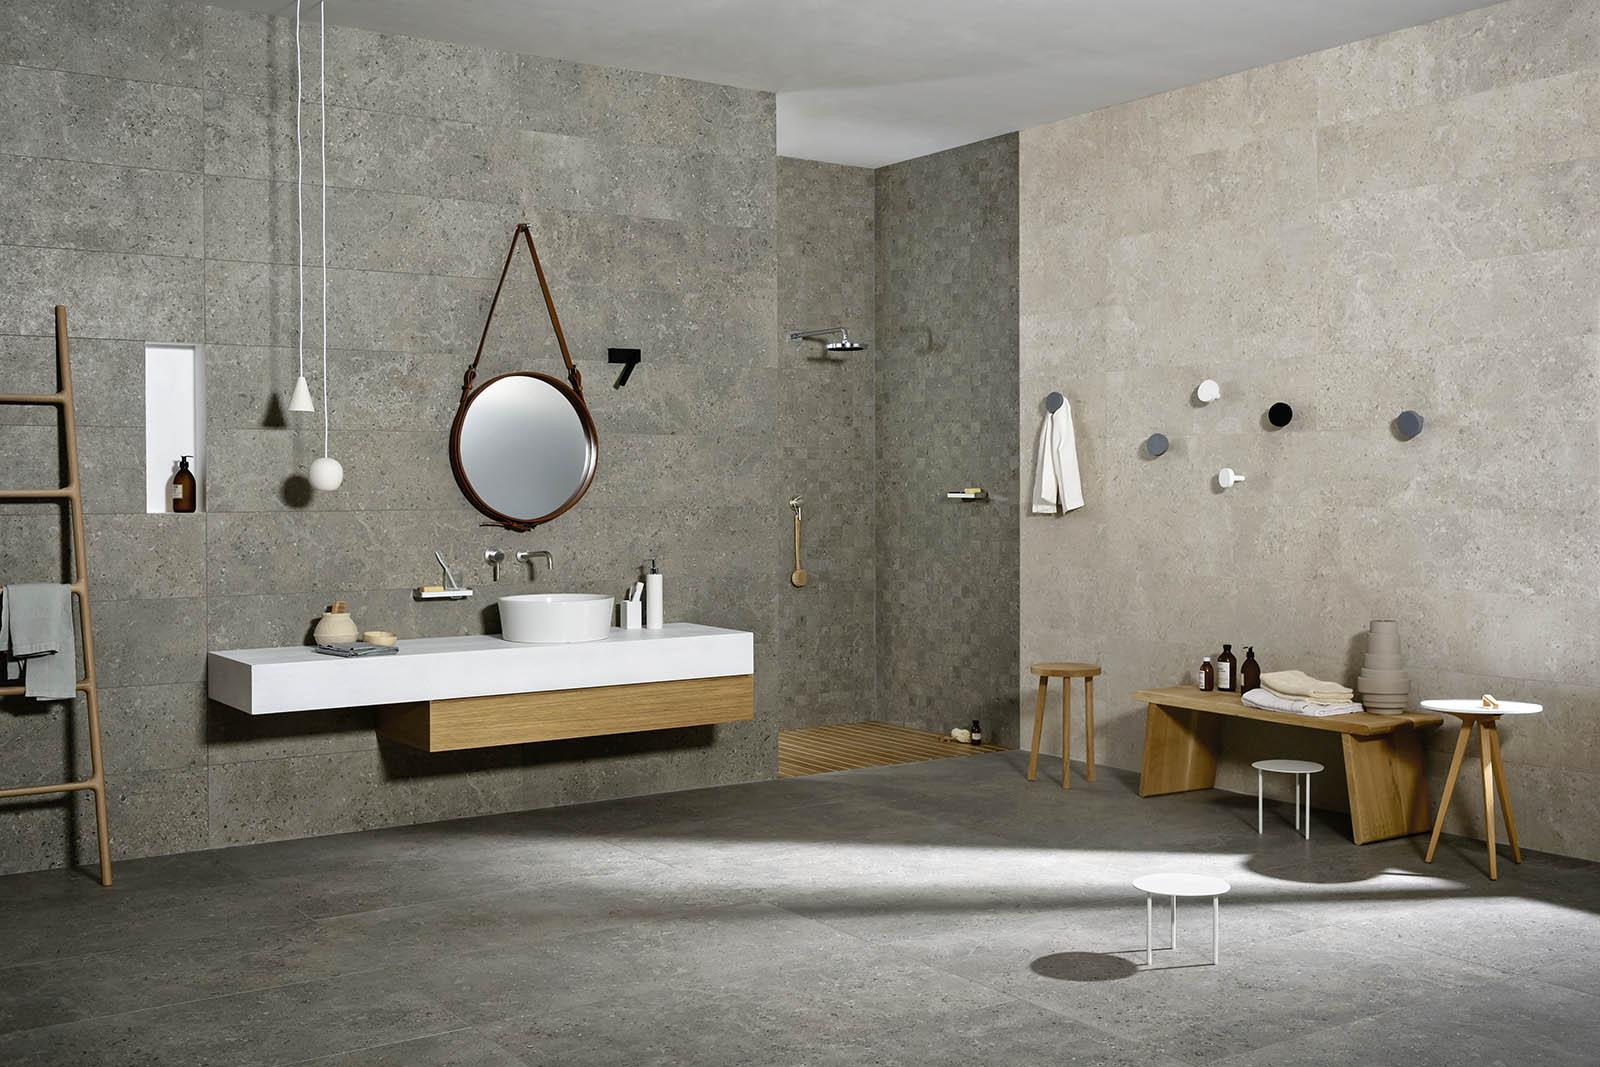 Carrelage salle de bain c ramique et gr s c rame marazzi for Salle de bain minerale